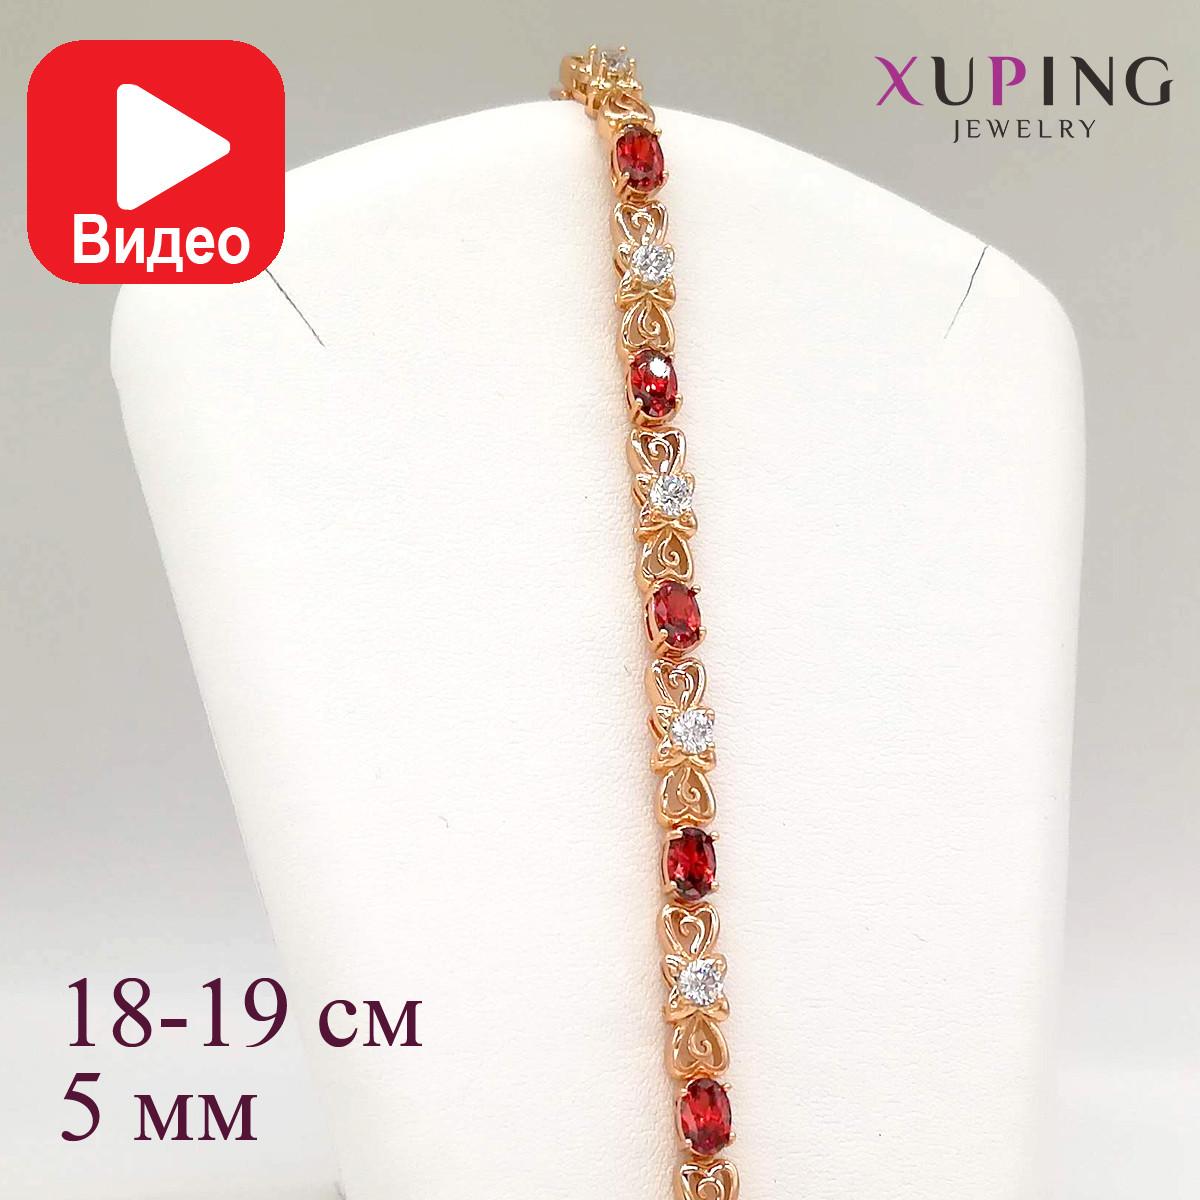 """Браслет Xuping """"Сияние"""", длина 18-19 см, ширина 5 мм, красные фианиты (куб. цирконий), вес 11 г, позолота 18K, ХР00588 (19 см)"""